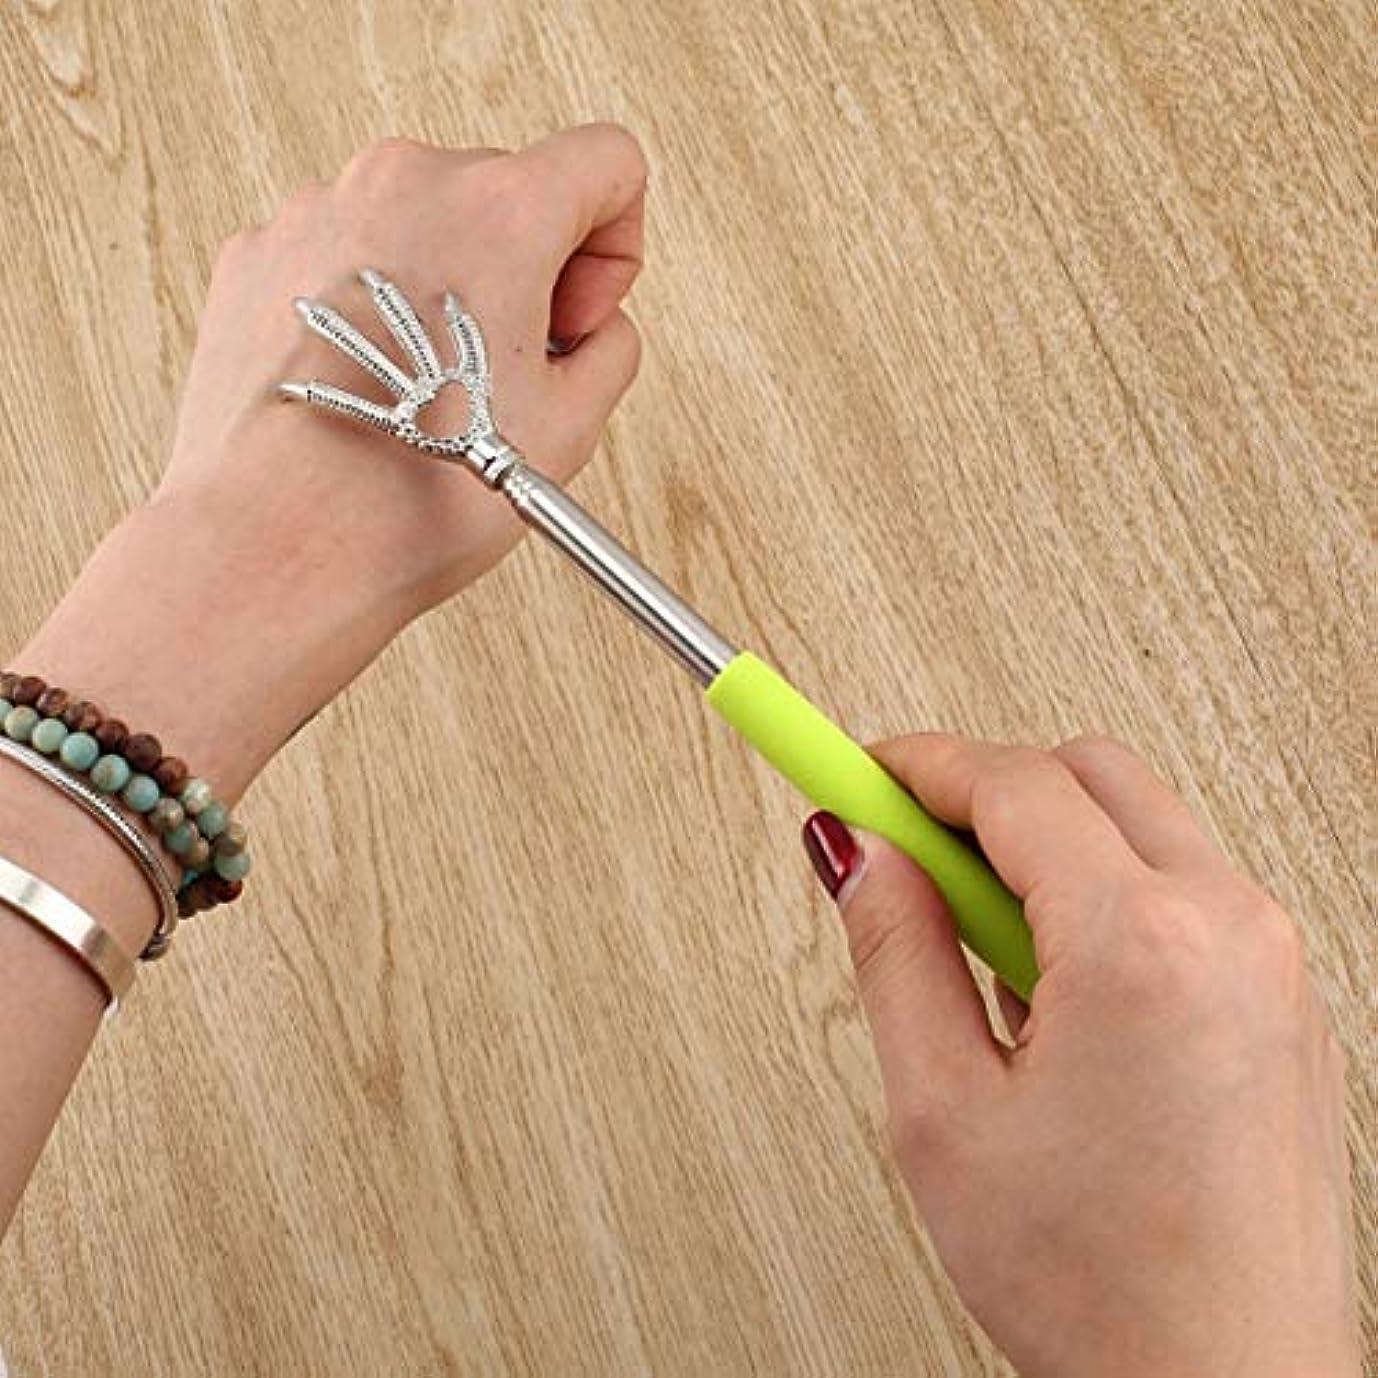 同意する前任者パケットCompact Telescopic Claw Stainless Steel Massager Back Scratcher 22-58cm Adjustable Back Scratching Massage Hand Claw